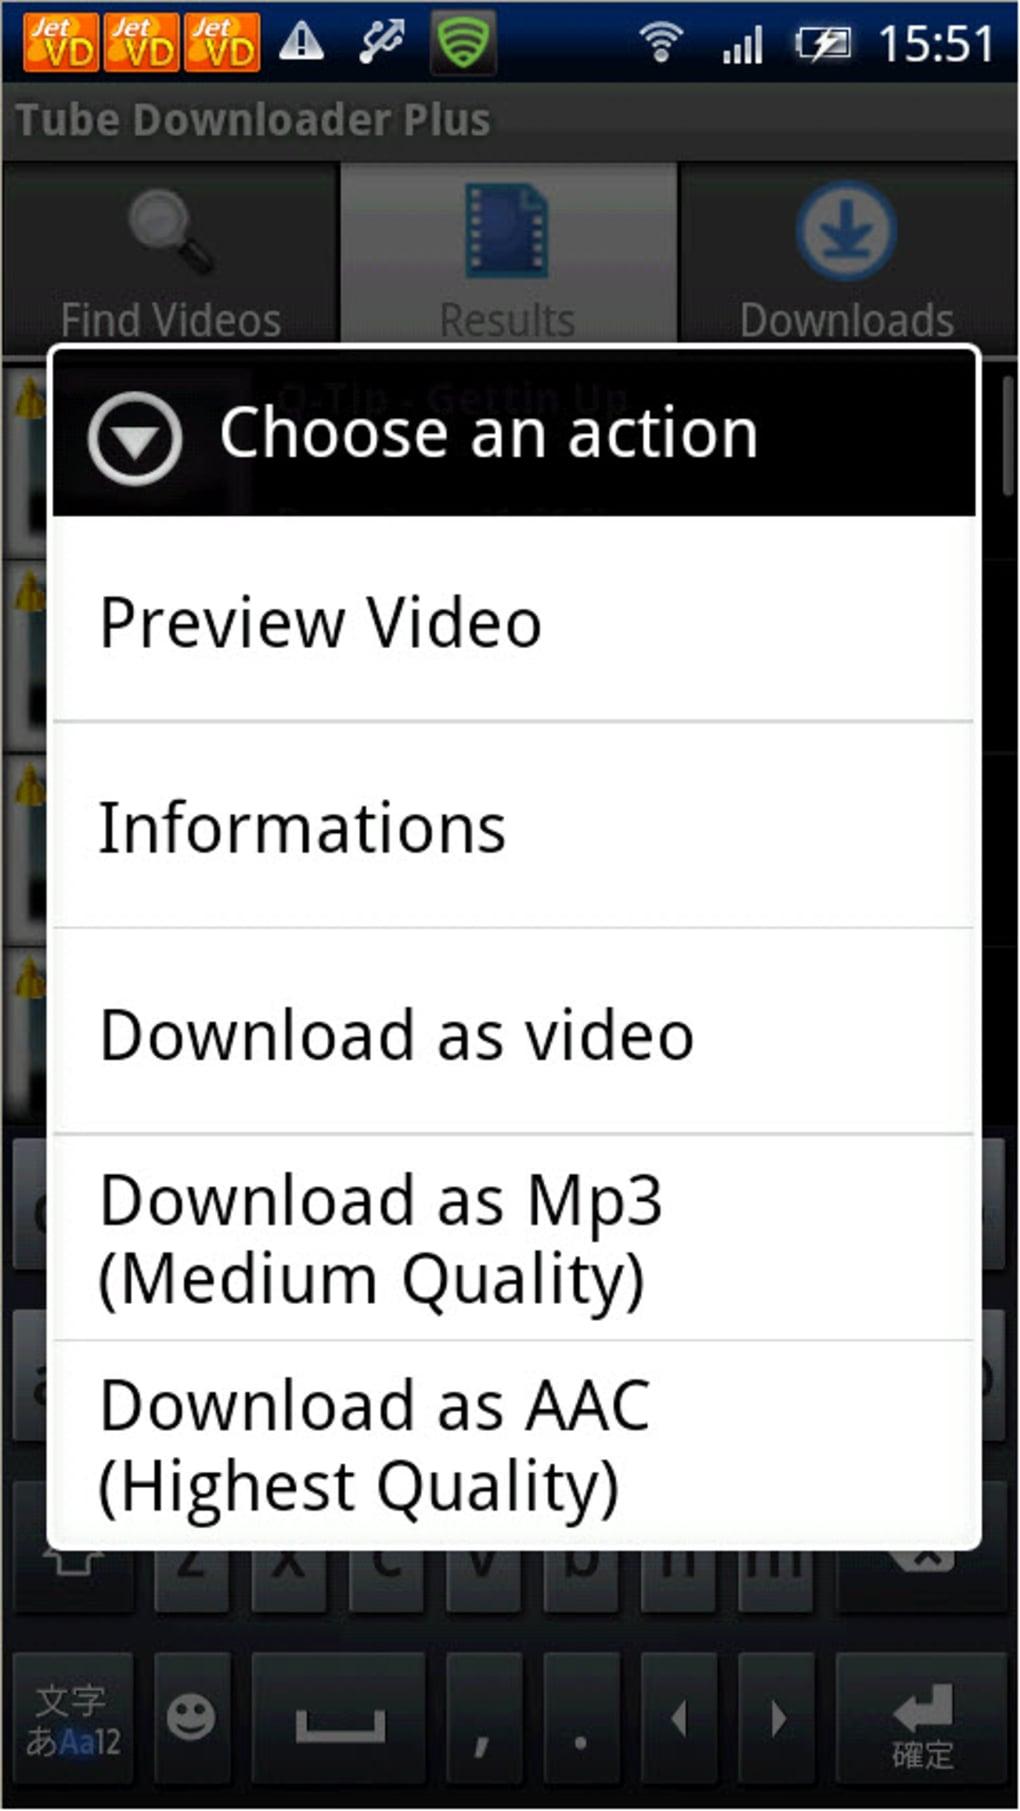 YouTubeの動画をダウンロード保存できるアプリお …